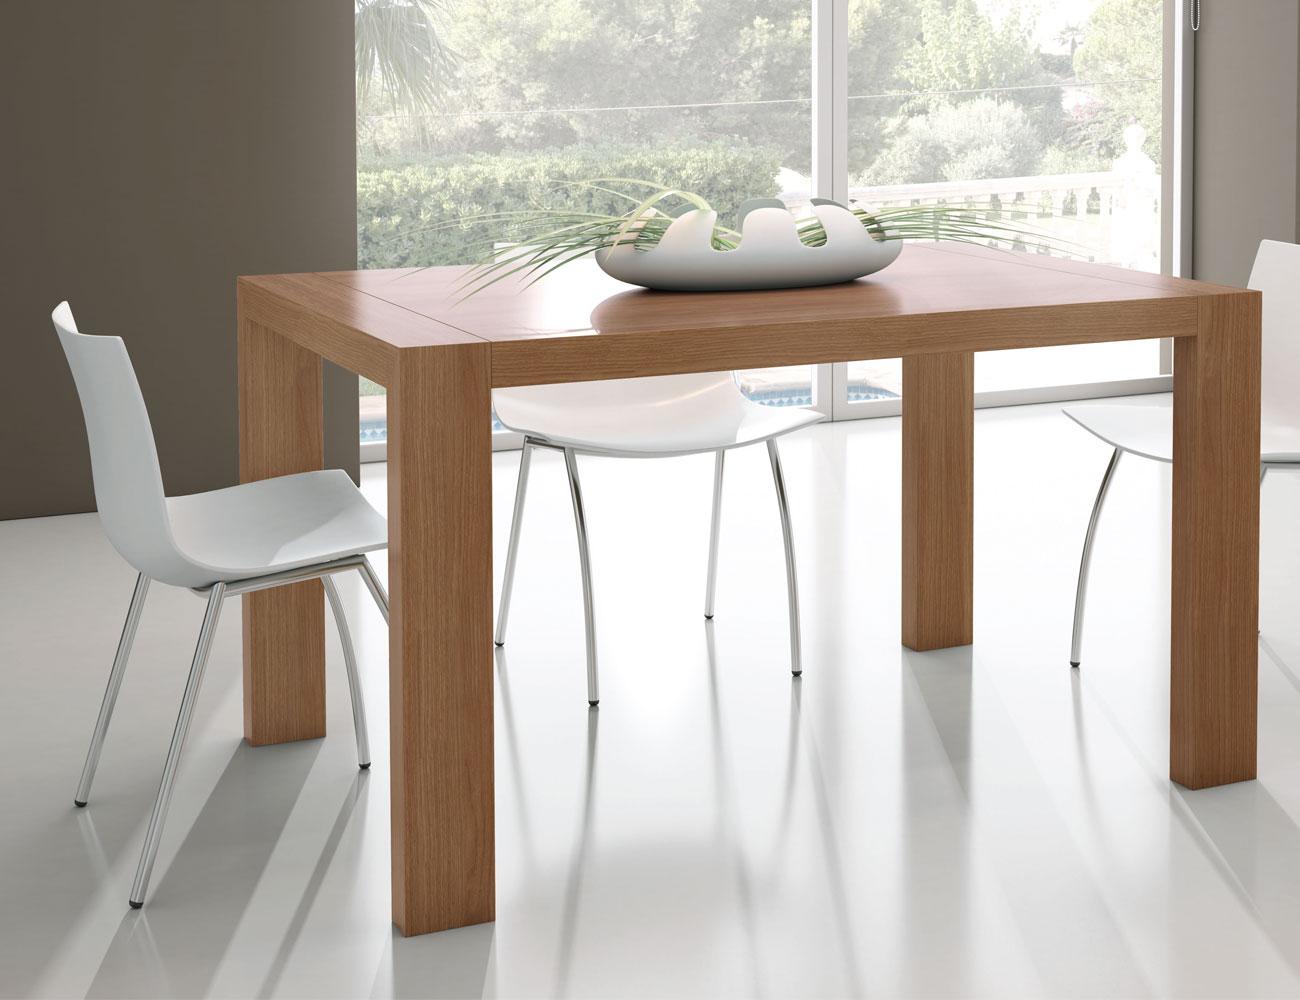 Mesa de comedor extensible rectangular tipo porter a color nogal 9335 factory del mueble utrera - Mesa comedor nogal ...